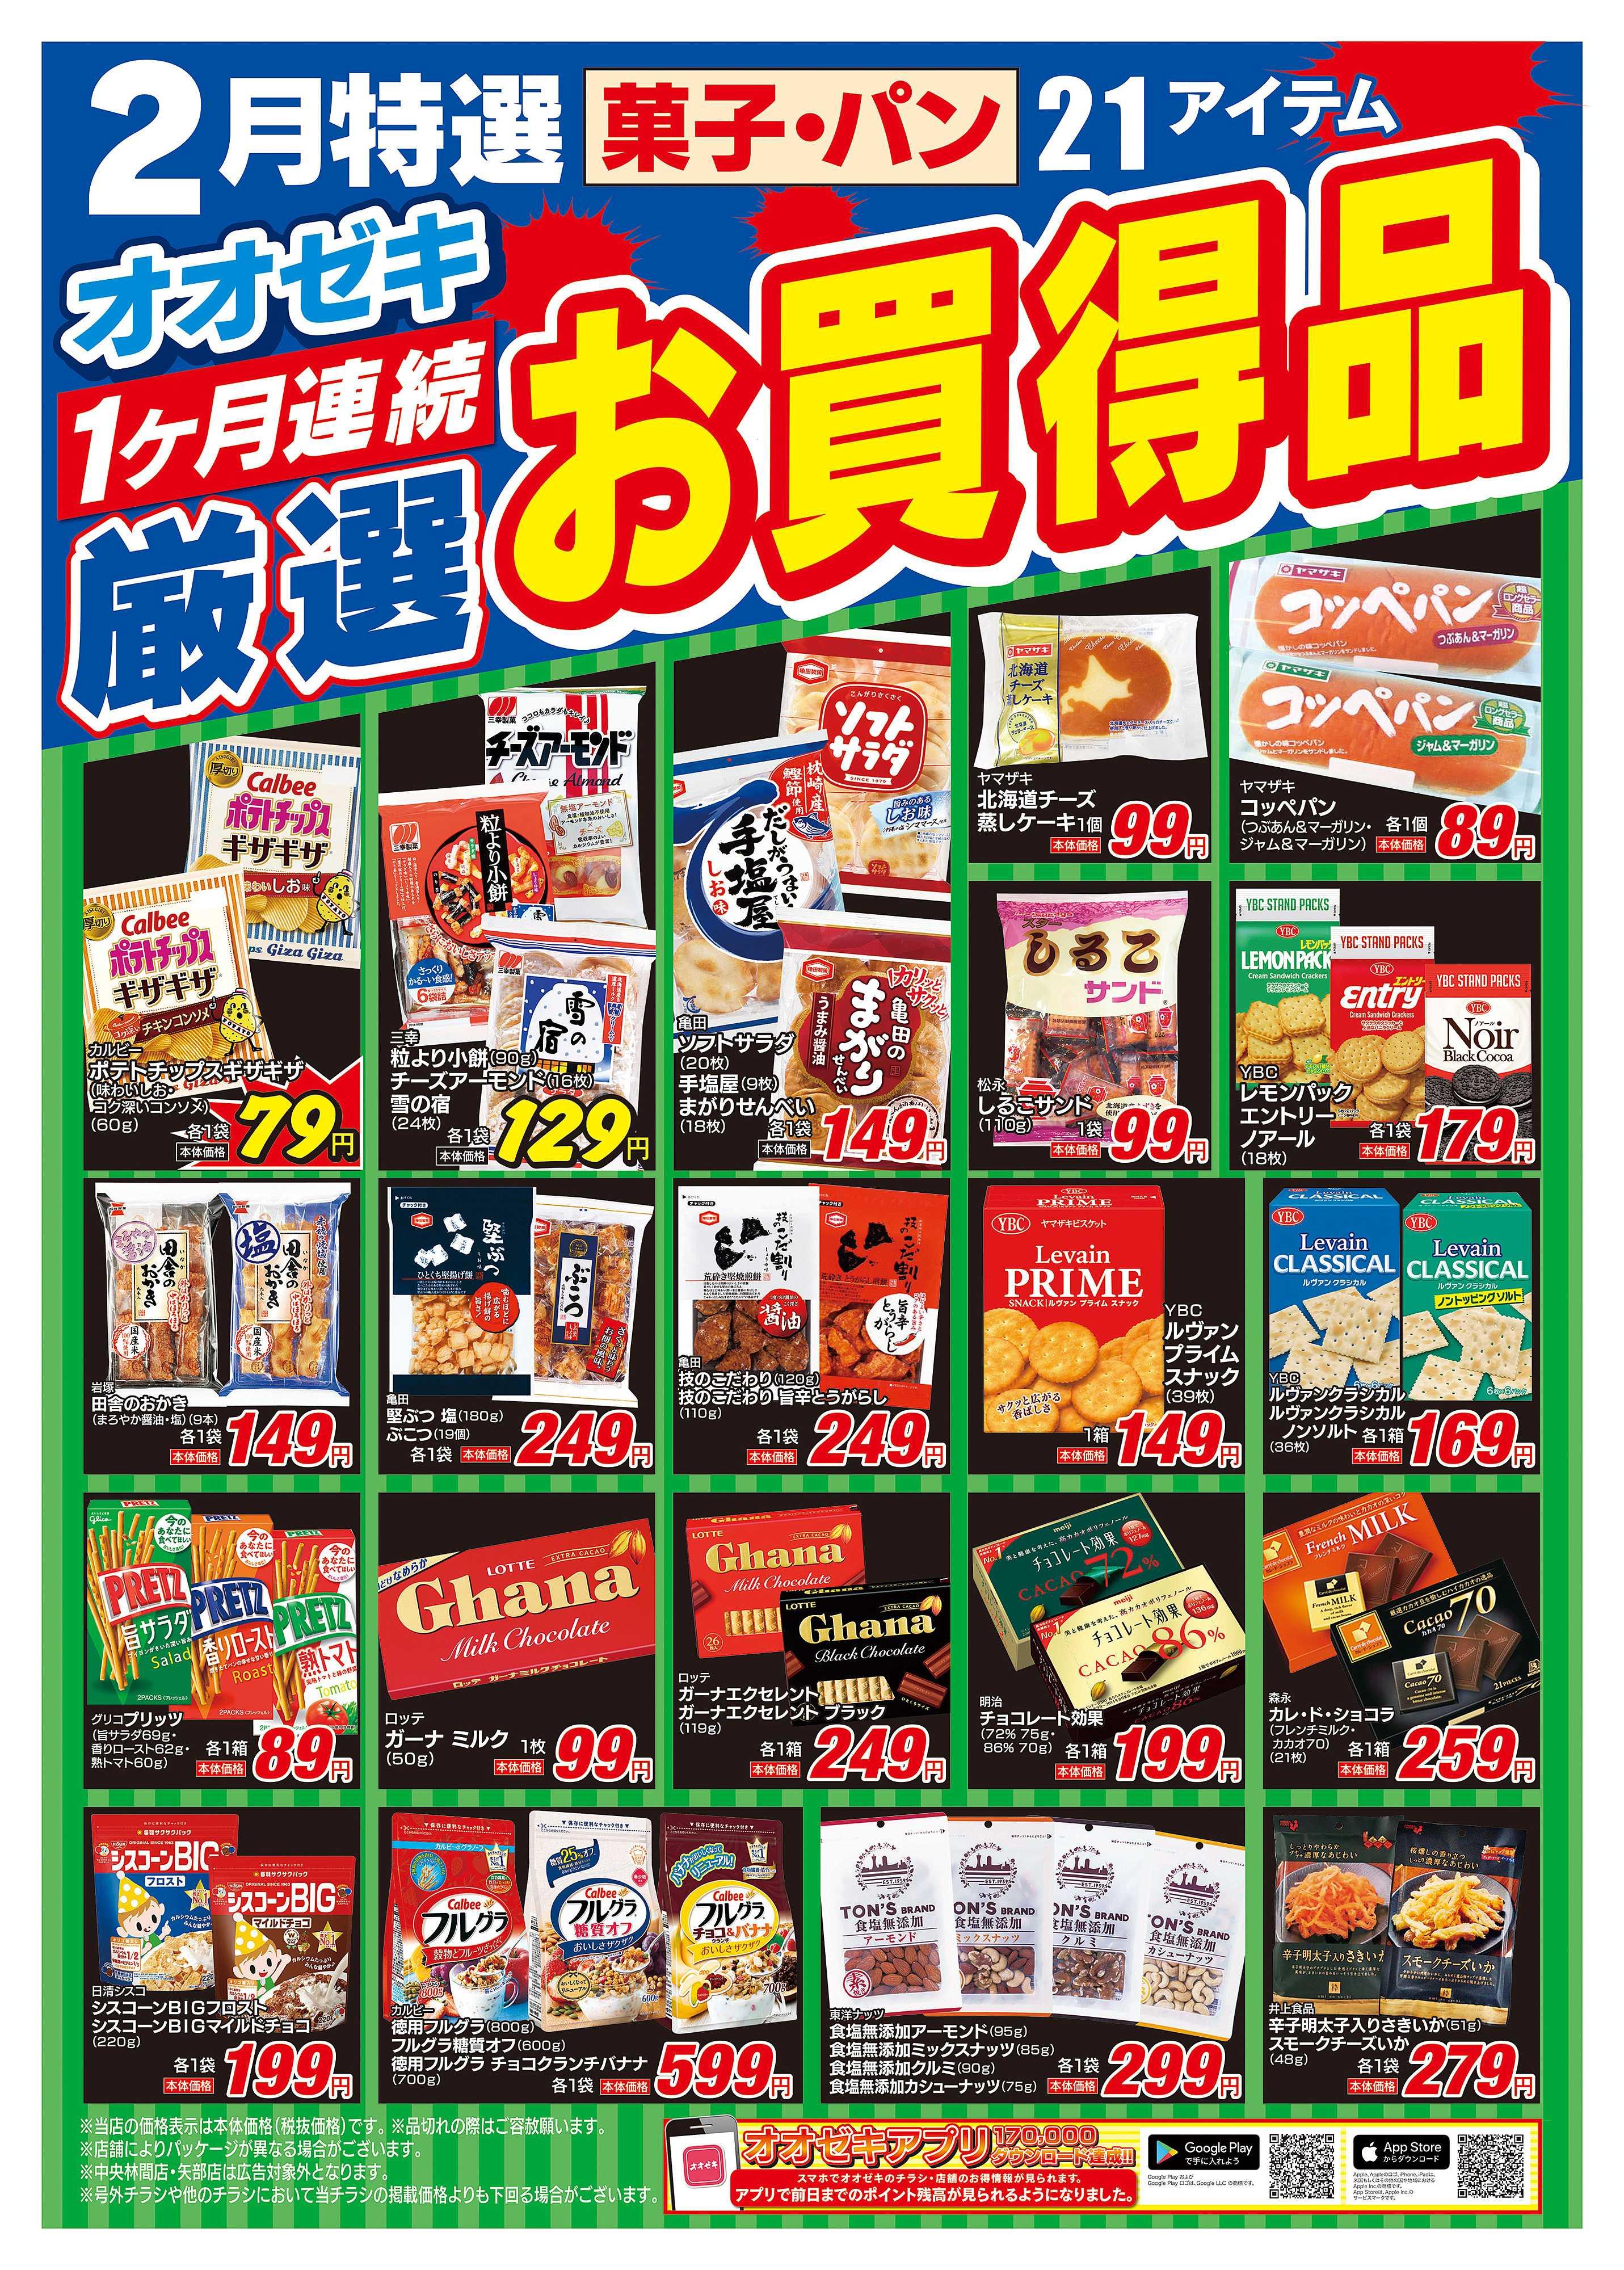 オオゼキ 2月特選菓子・パン 1ヶ月連続厳選お買得品